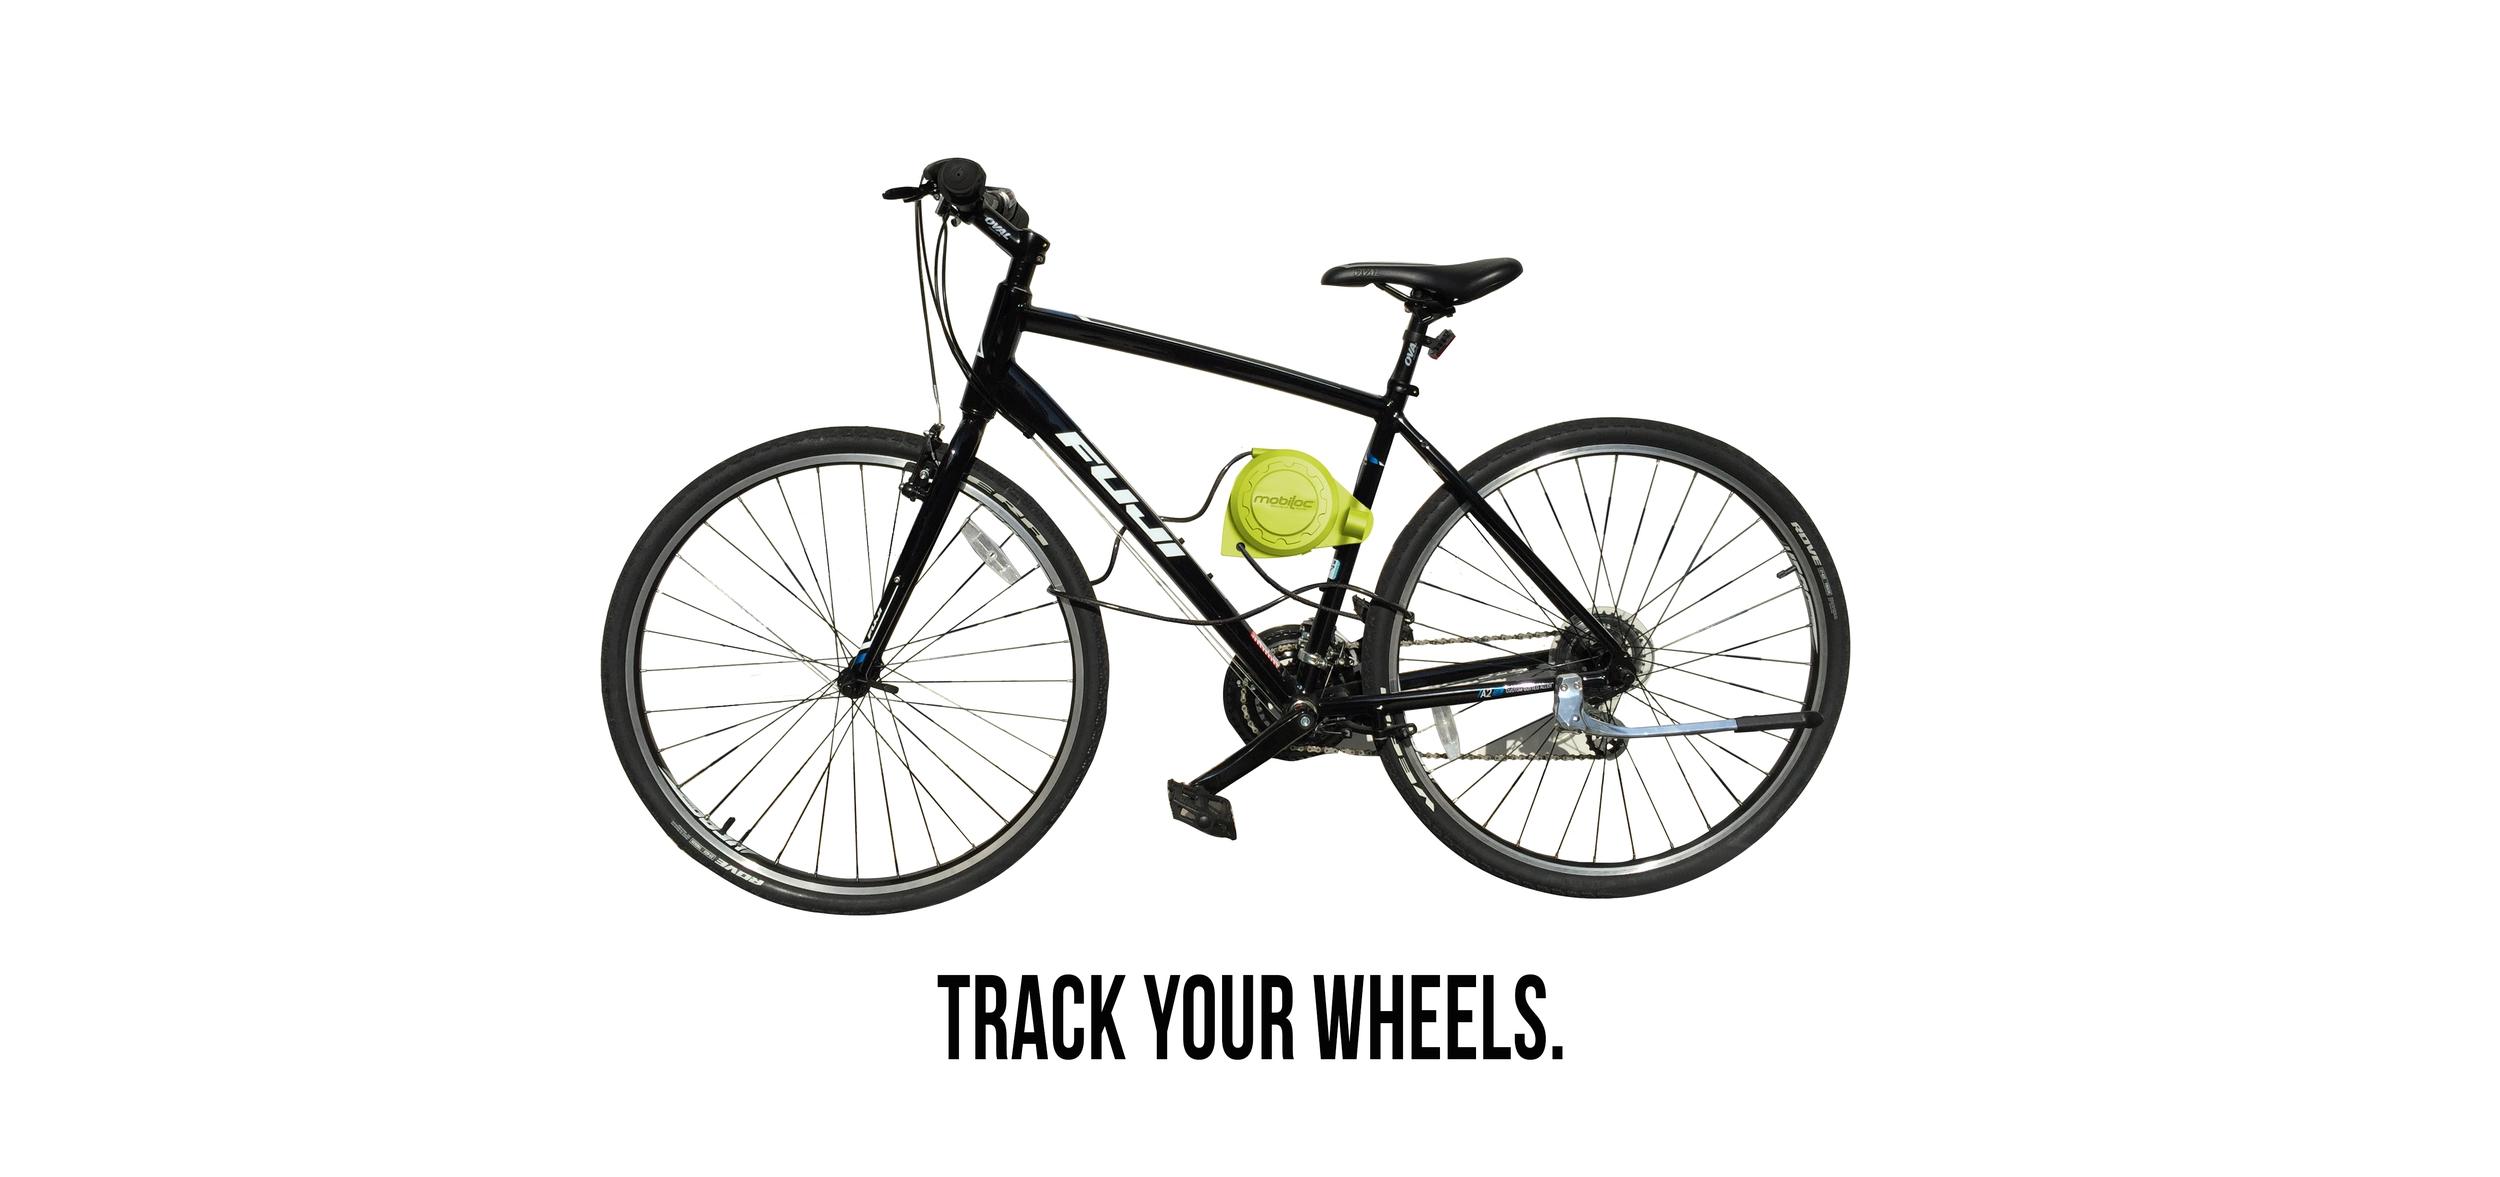 Bike_mobiloc_remplate.jpg